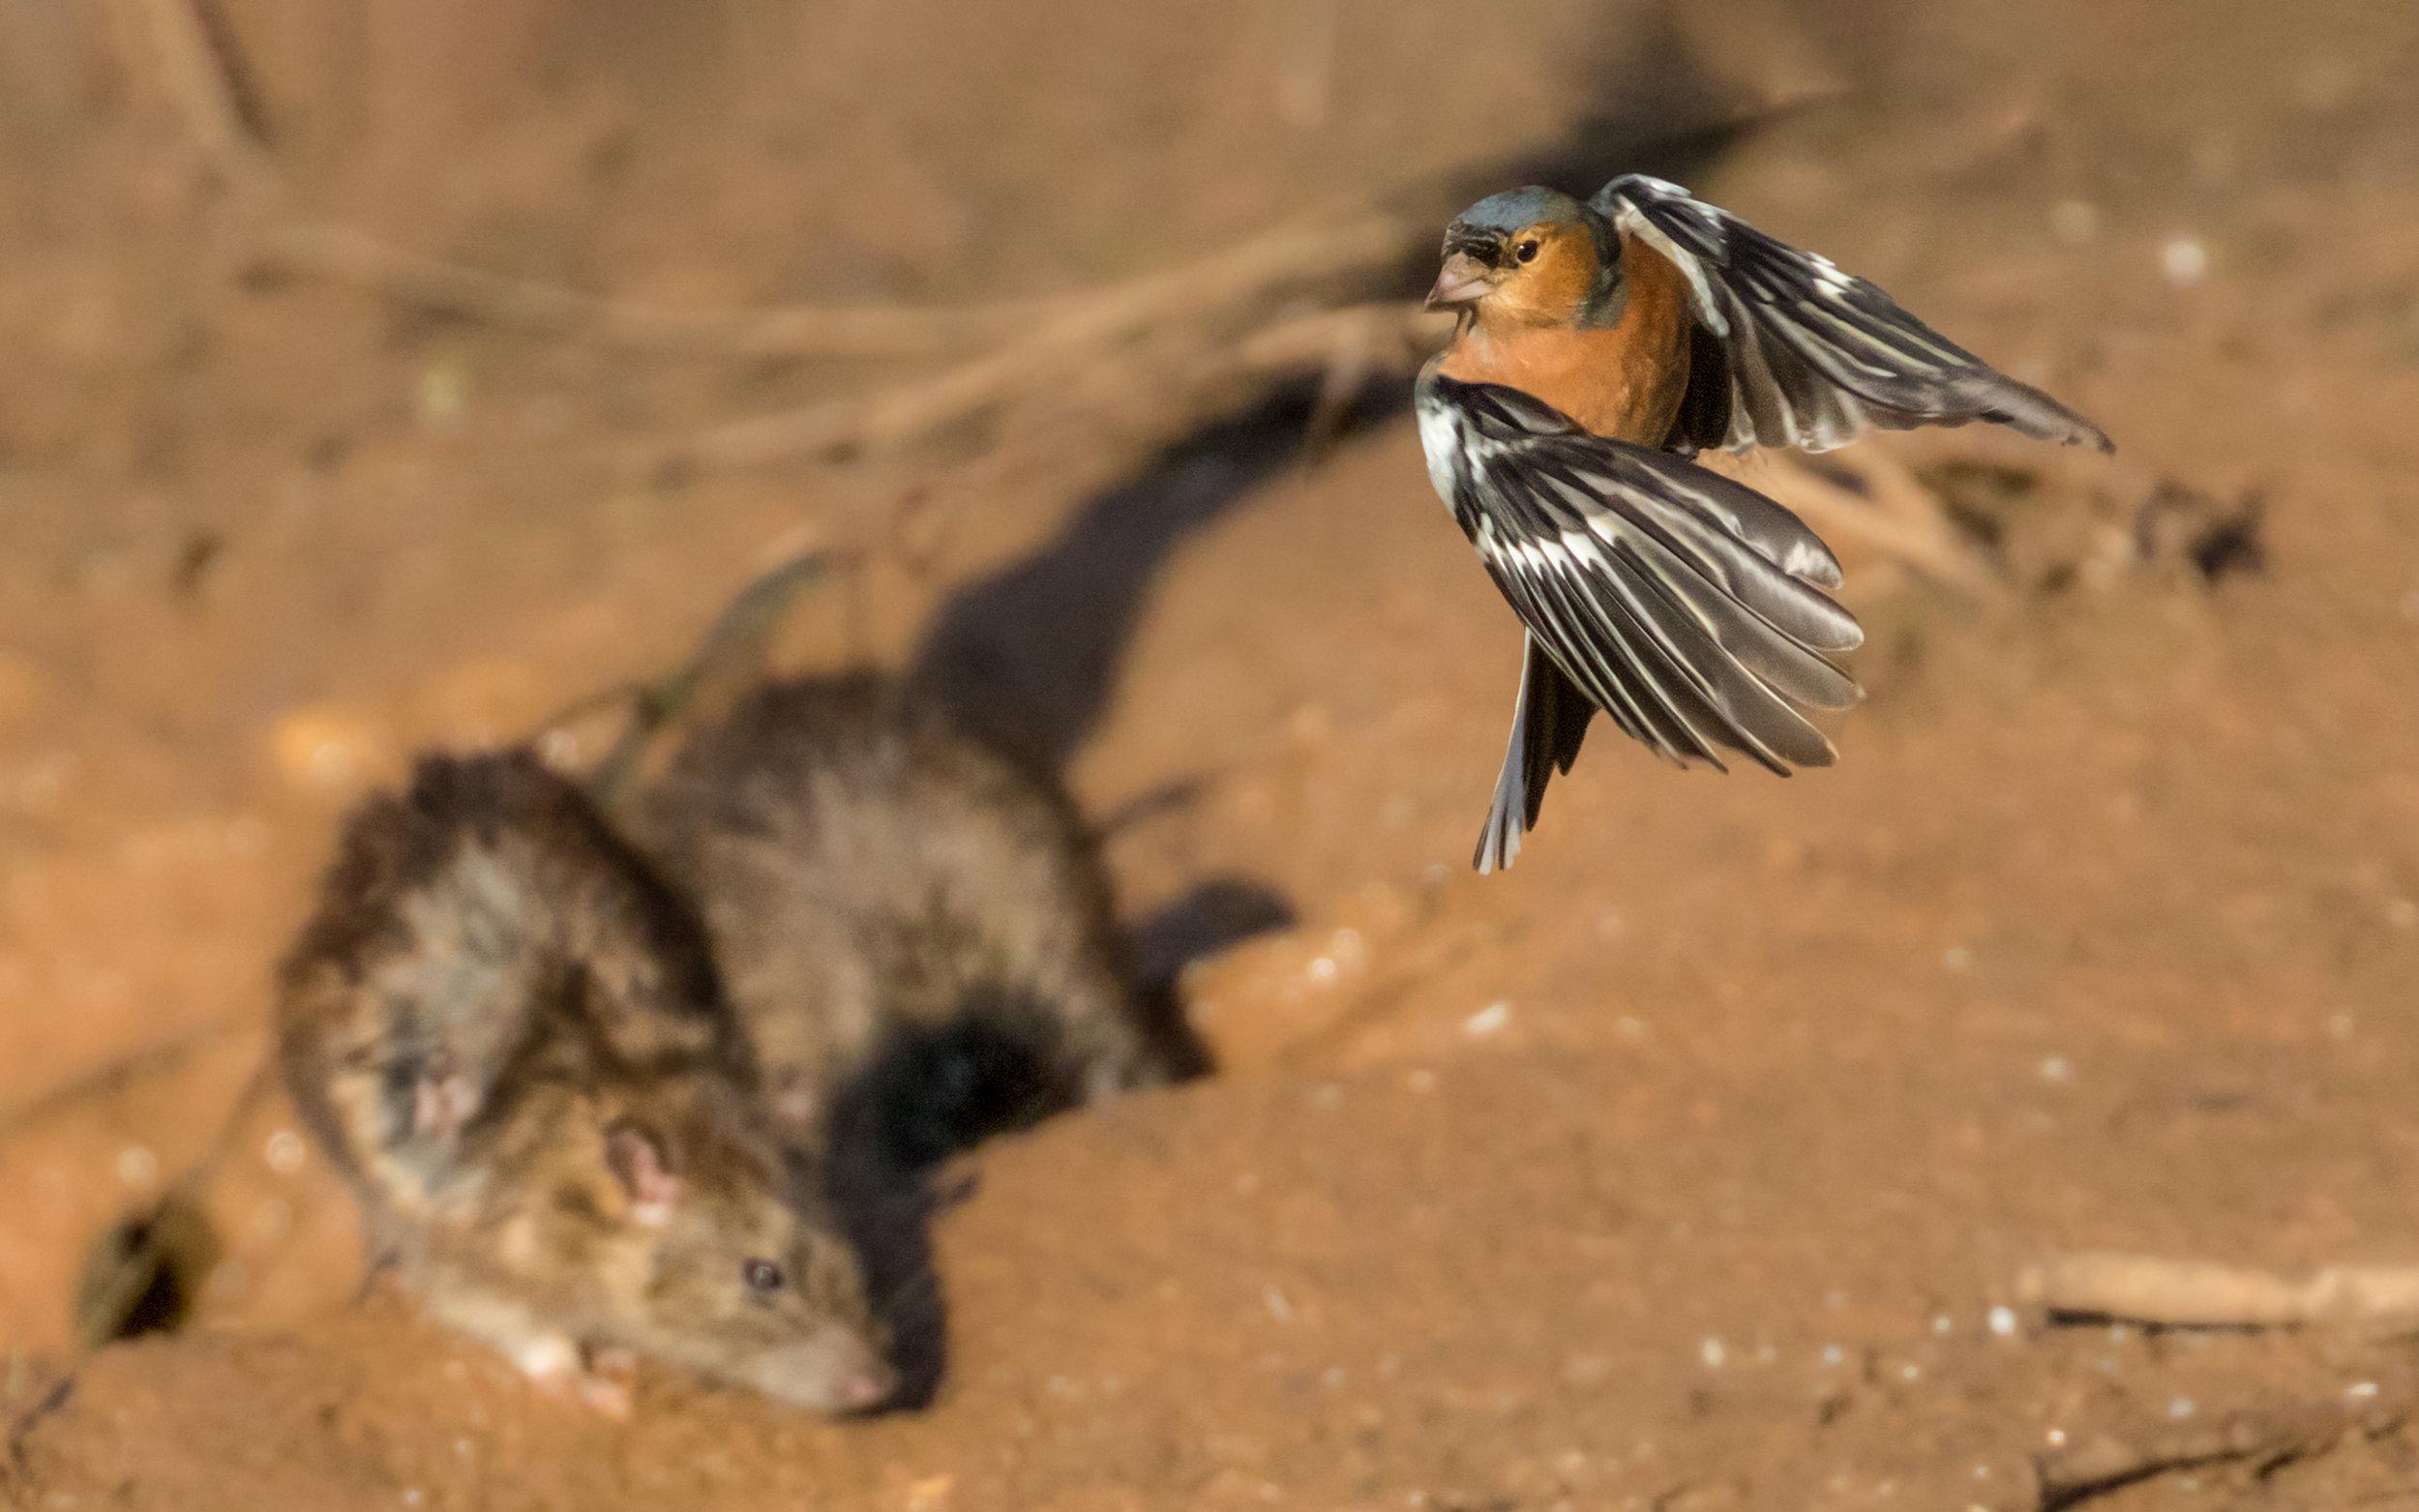 Chaffinch avoids a rat!